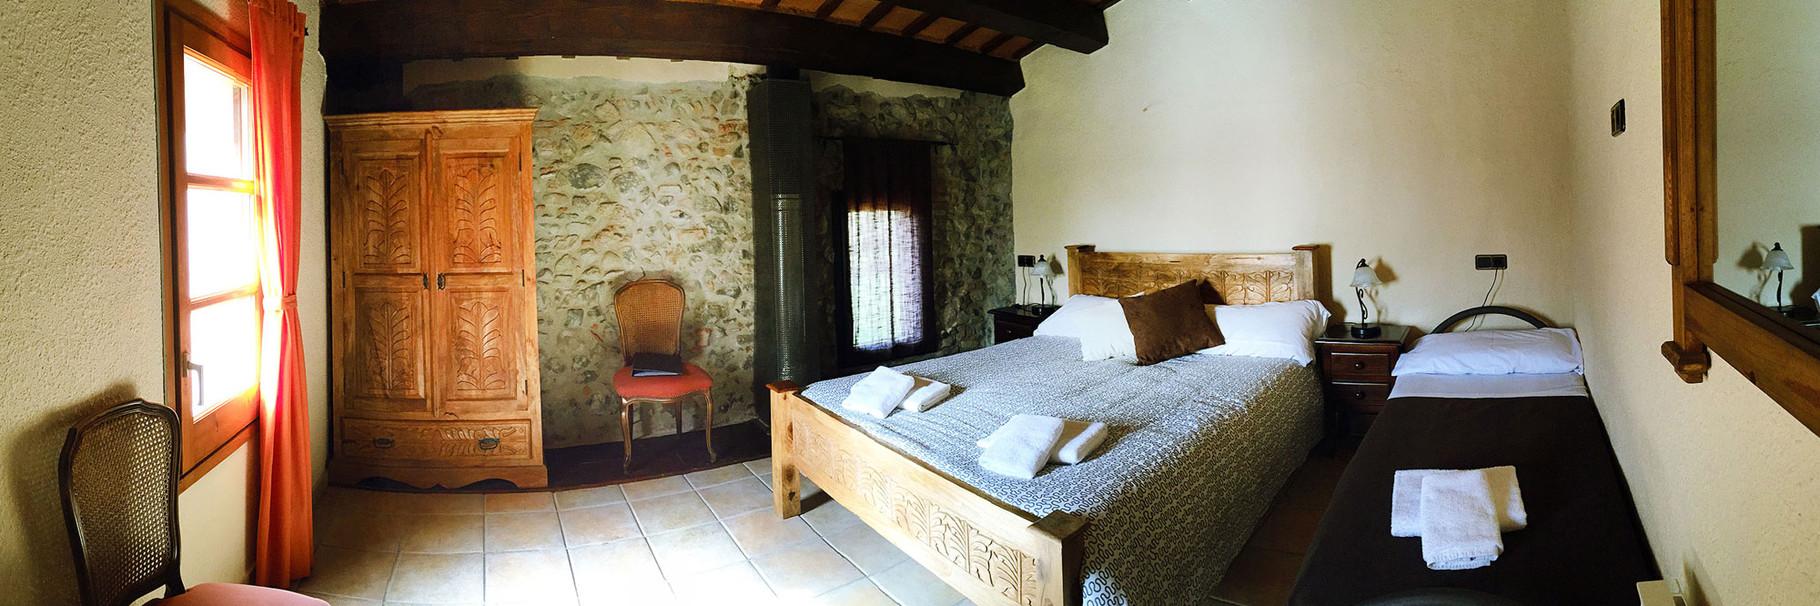 Càlida habitació amb llit matrimoni i llit individual